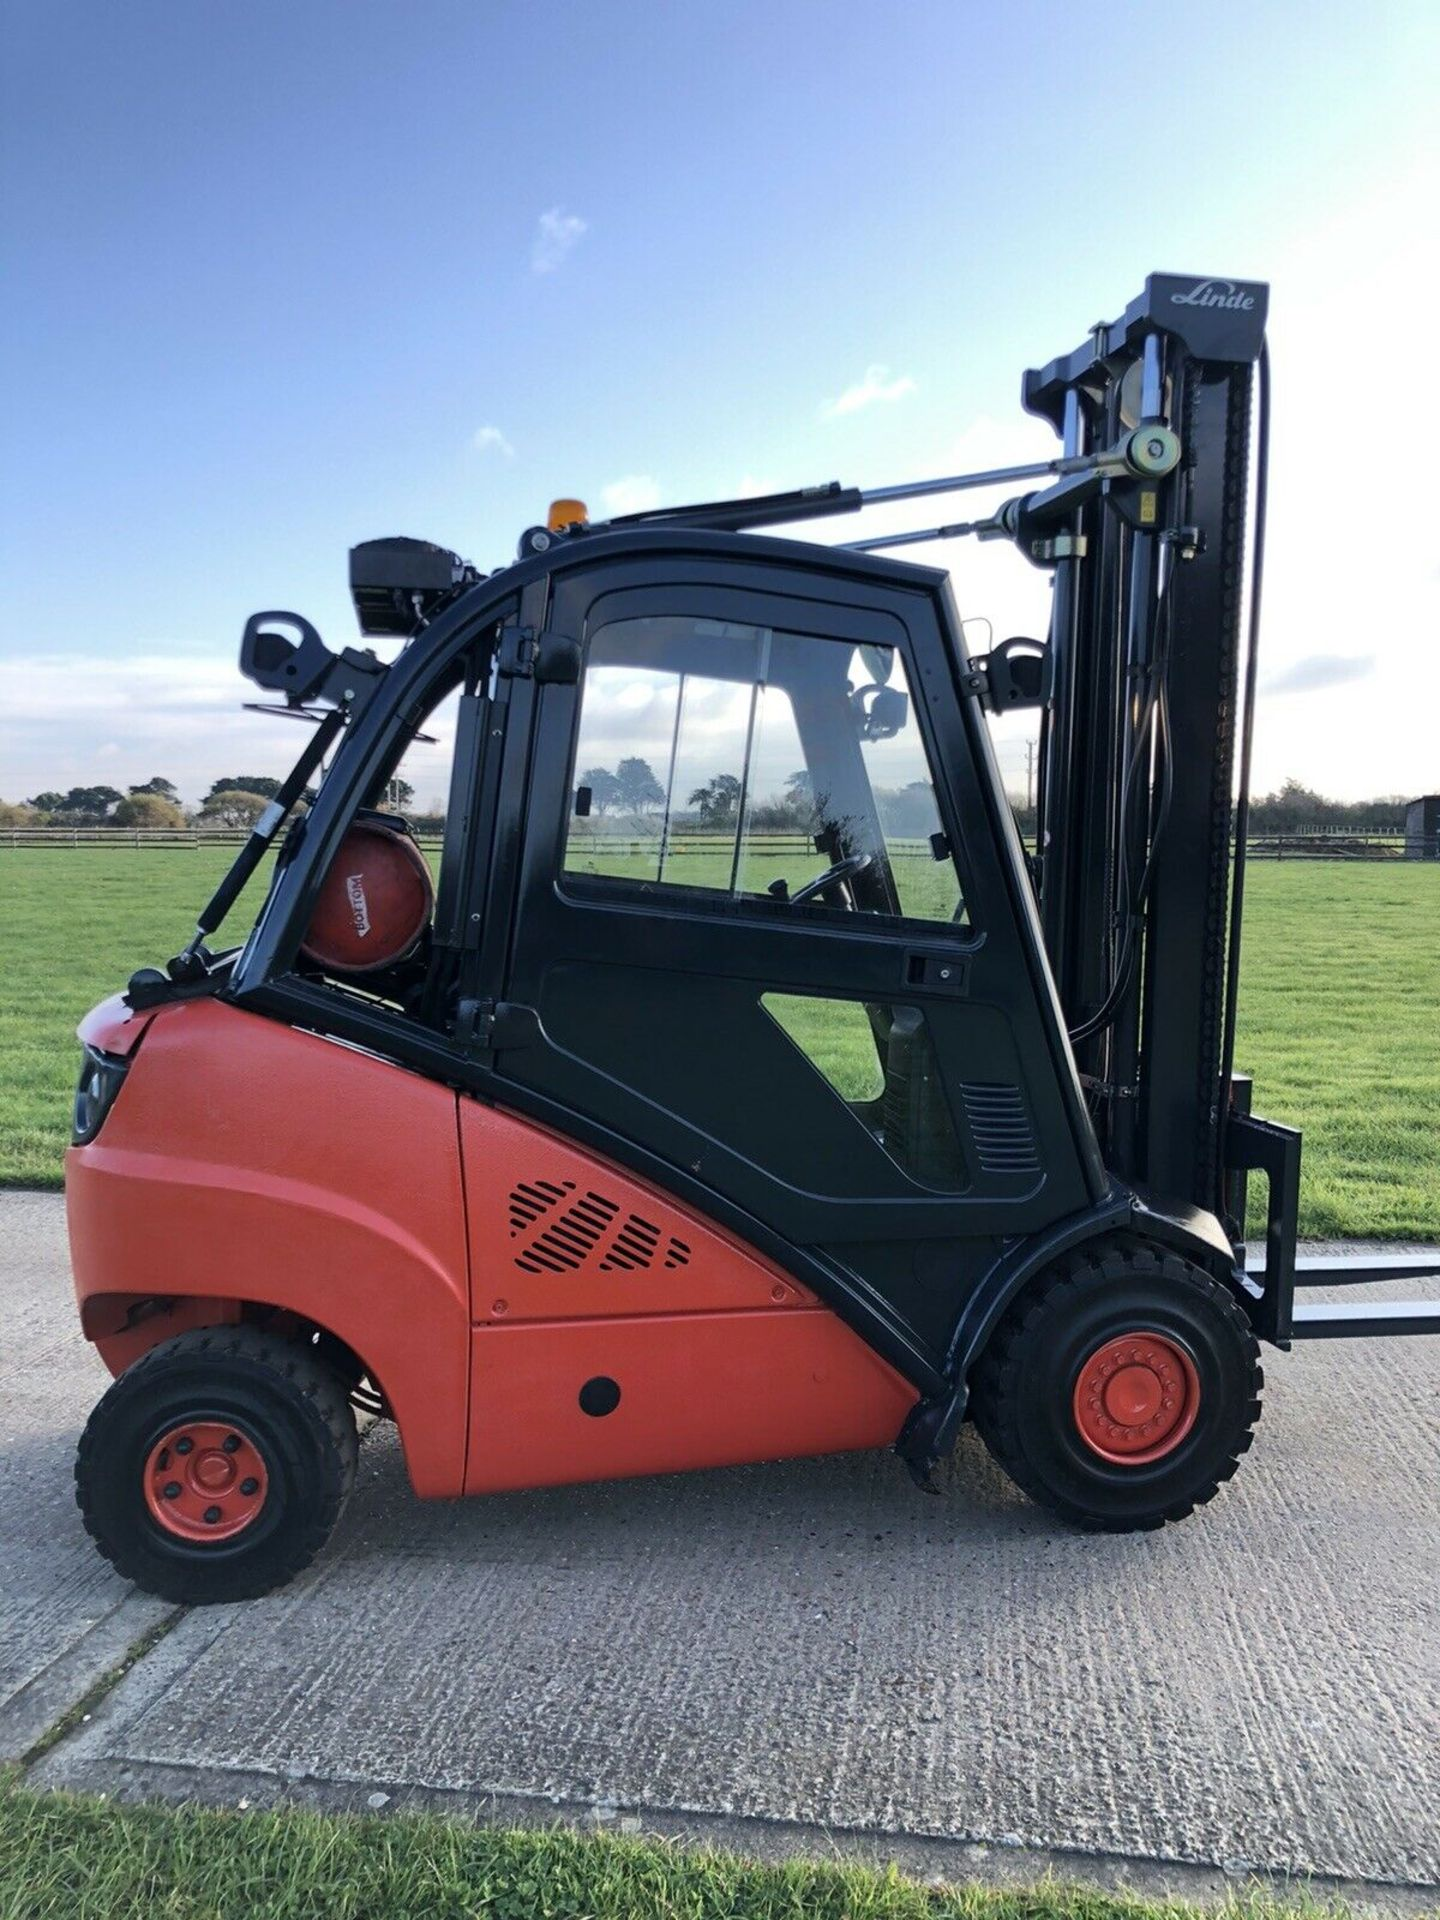 Lot 71 - Linde H30t Gas Forklift